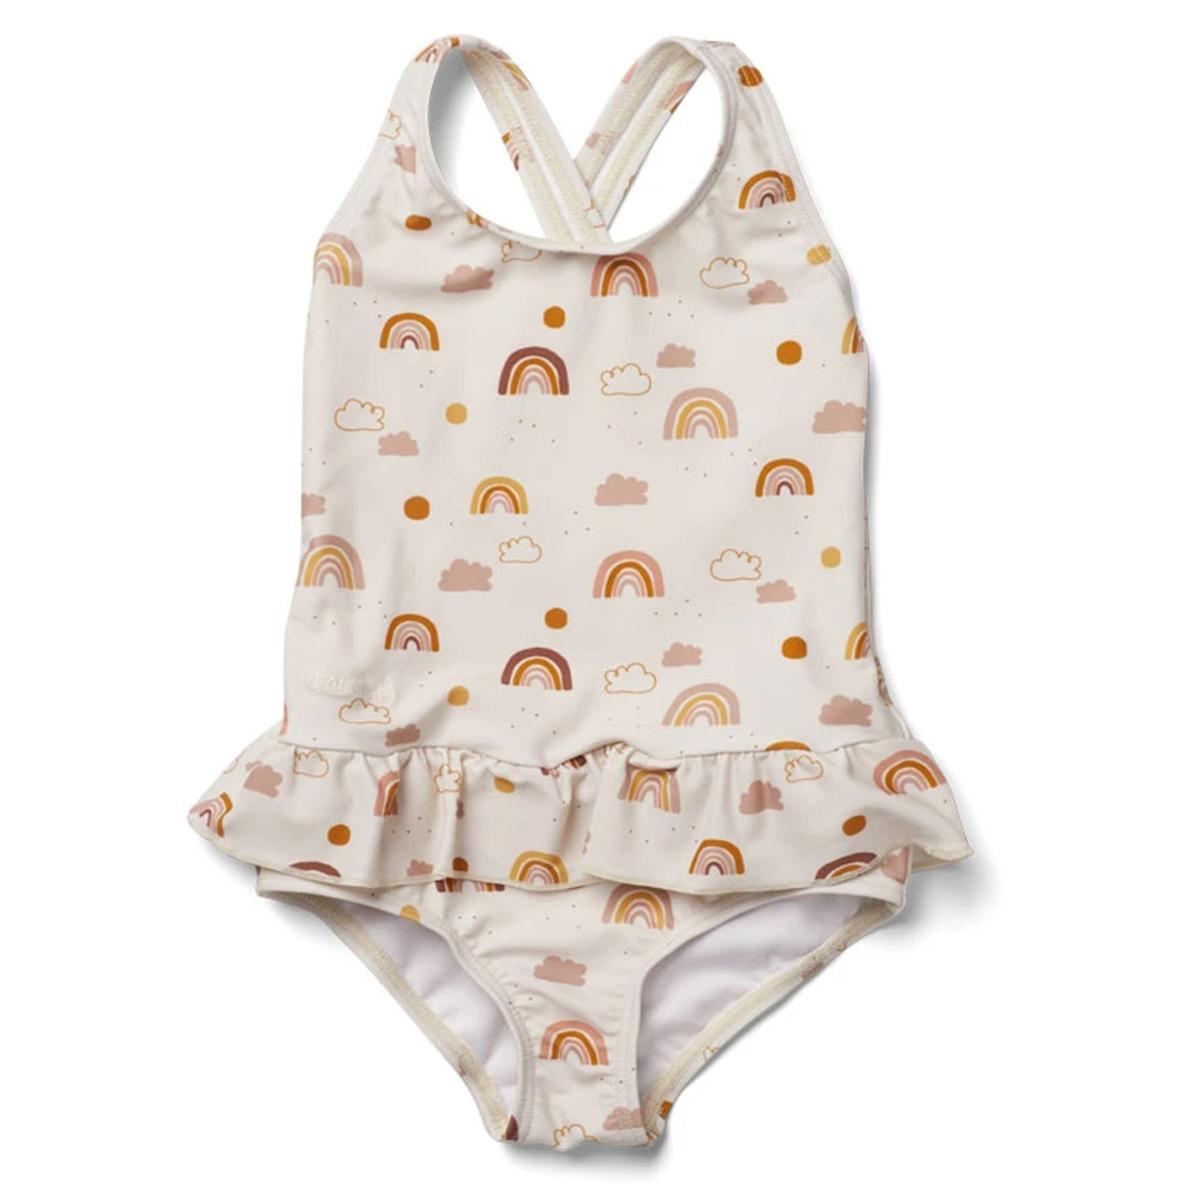 Accessoires bébé Maillot de Bain Amara Rainbow Love Sandy - 2/3 Ans Maillot de Bain Amara Rainbow Love Sandy - 2/3 Ans